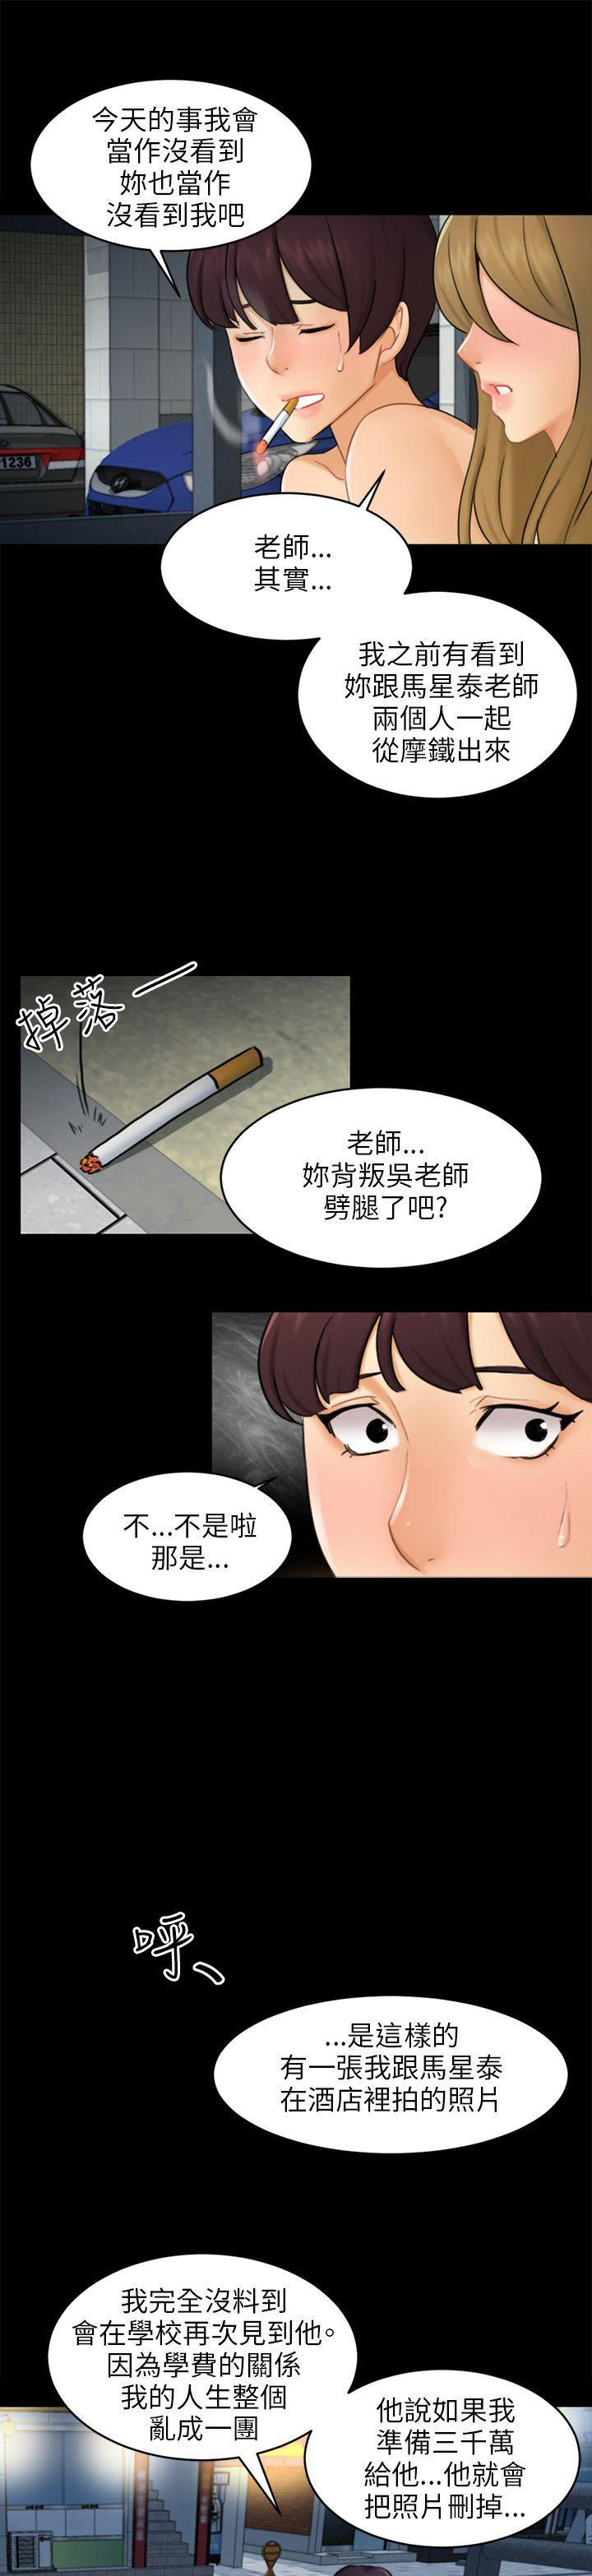 騙局 514